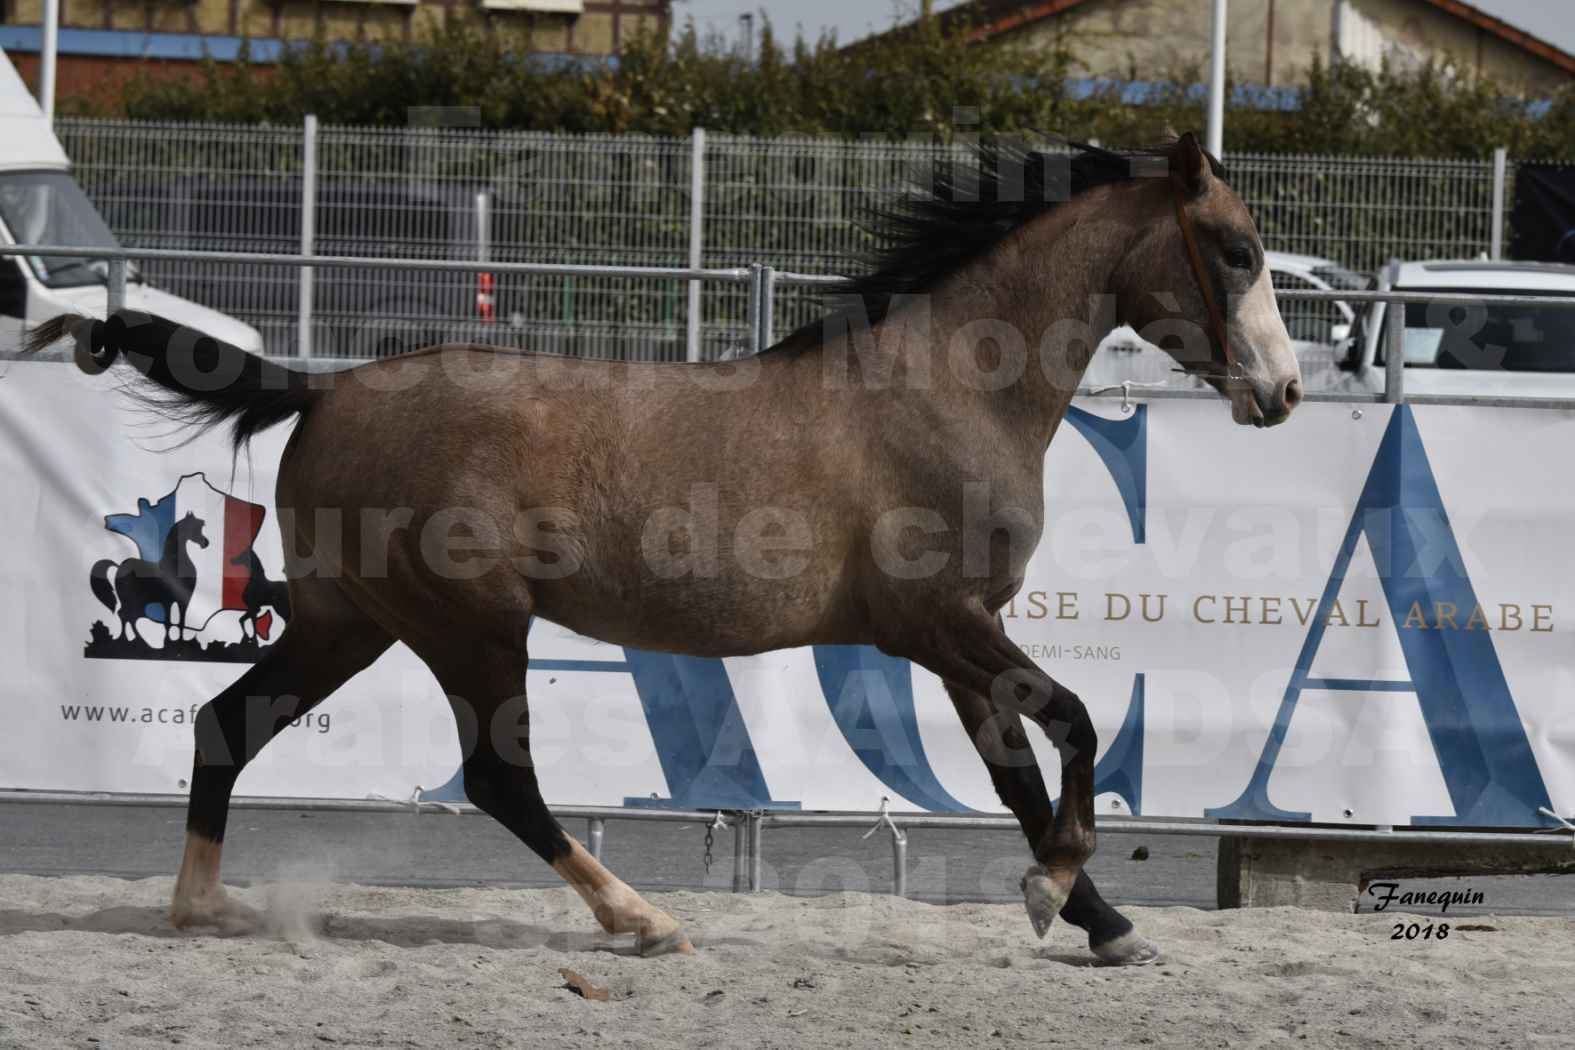 Concours d'élevage de Chevaux Arabes - D. S. A. - A. A. - ALBI les 6 & 7 Avril 2018 - FLORIA DU PUECH - Notre Sélection 04